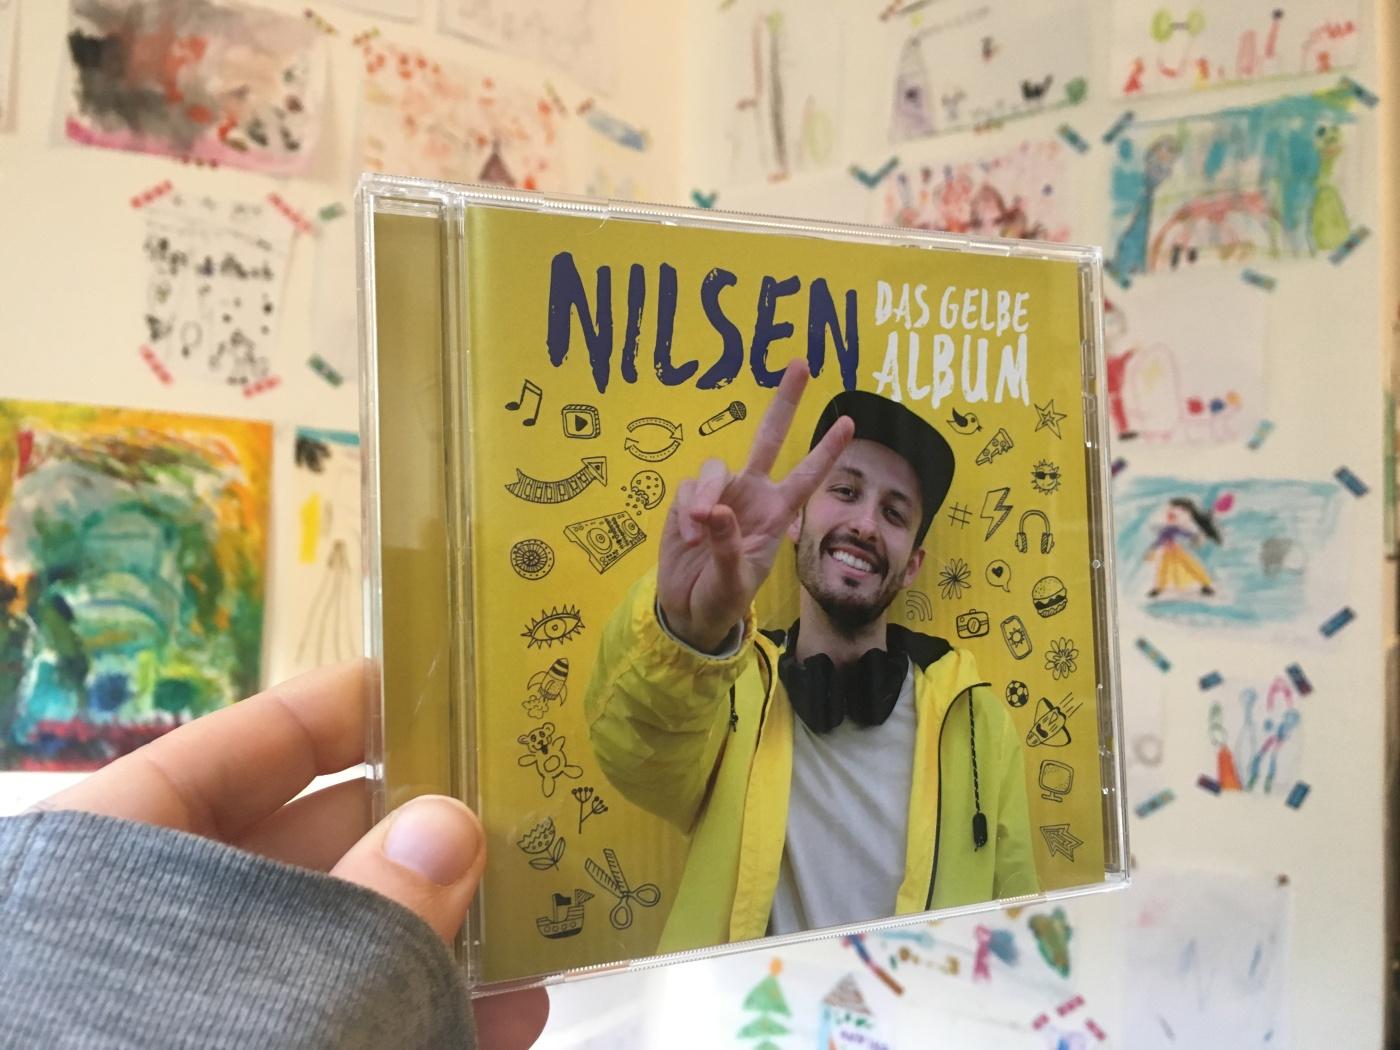 Nilsen das Gelbe Album